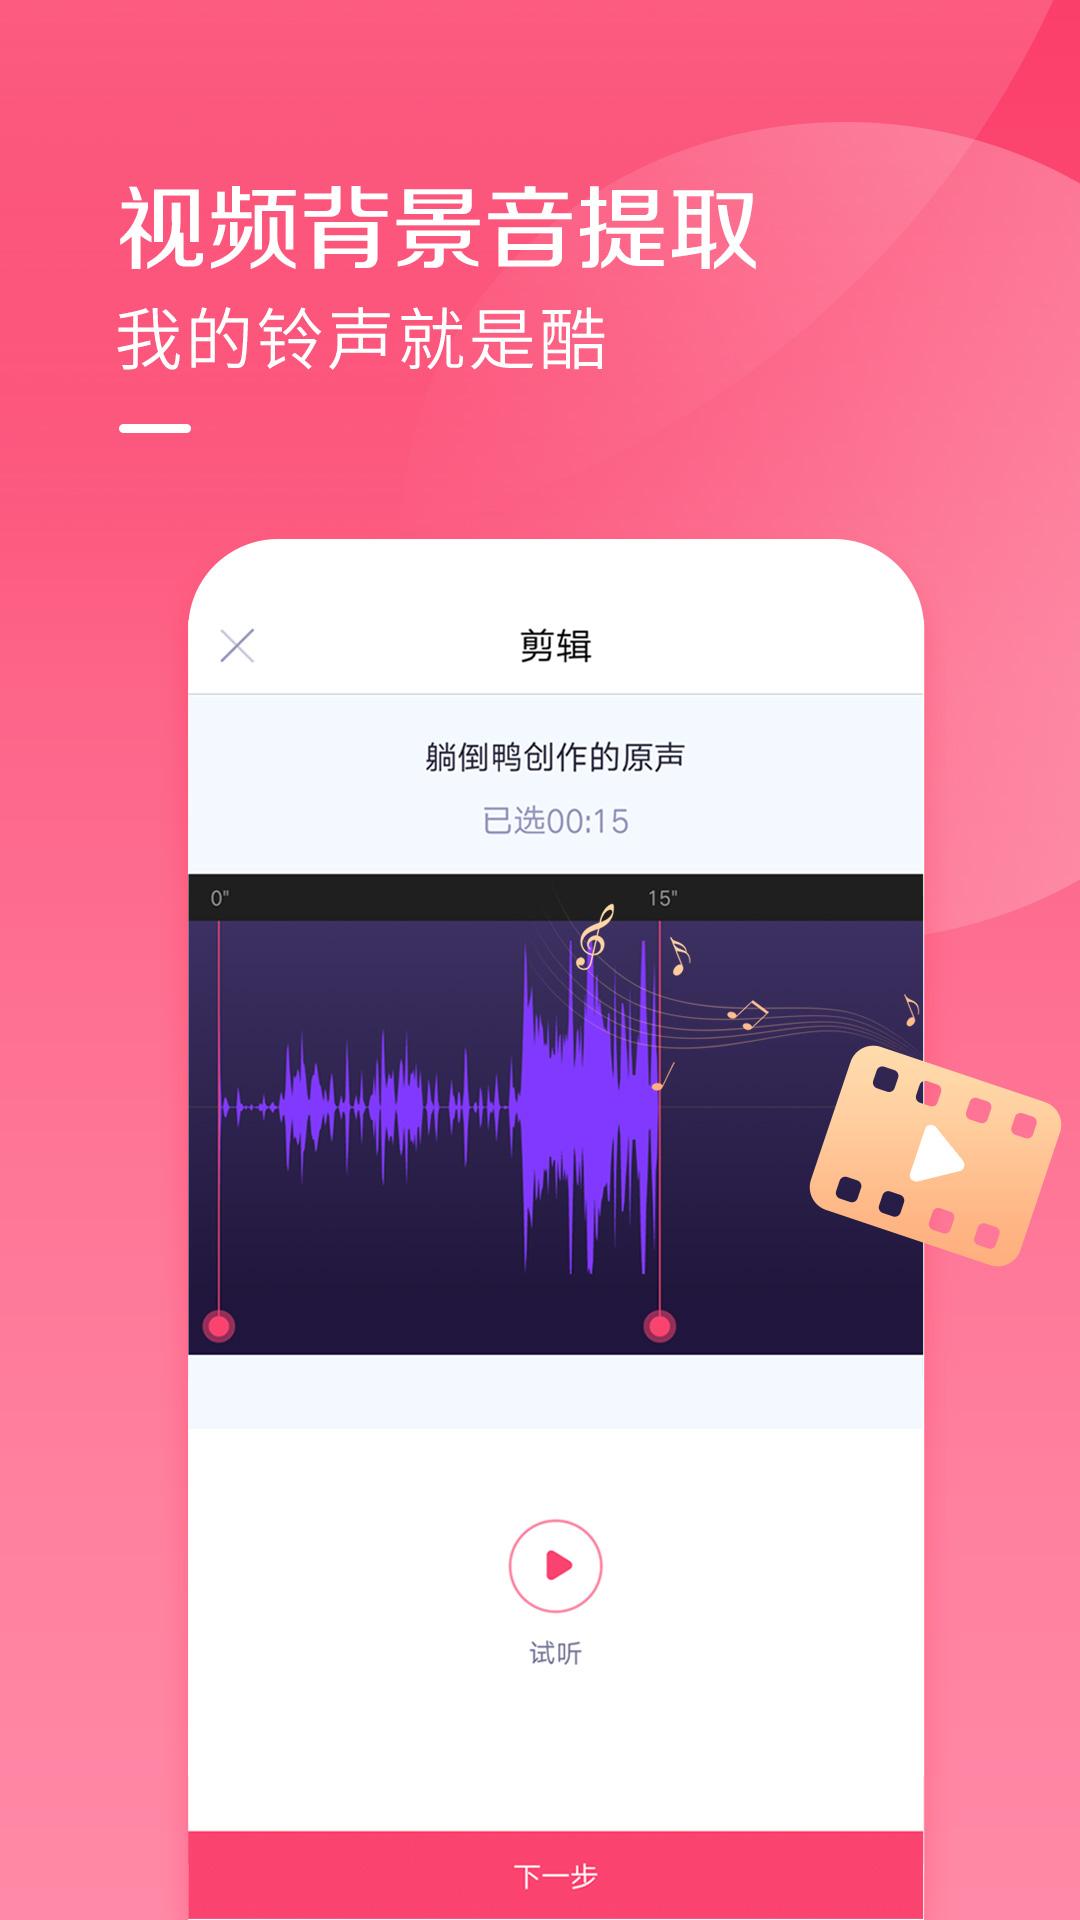 酷音铃声appv7.4.90 安卓版